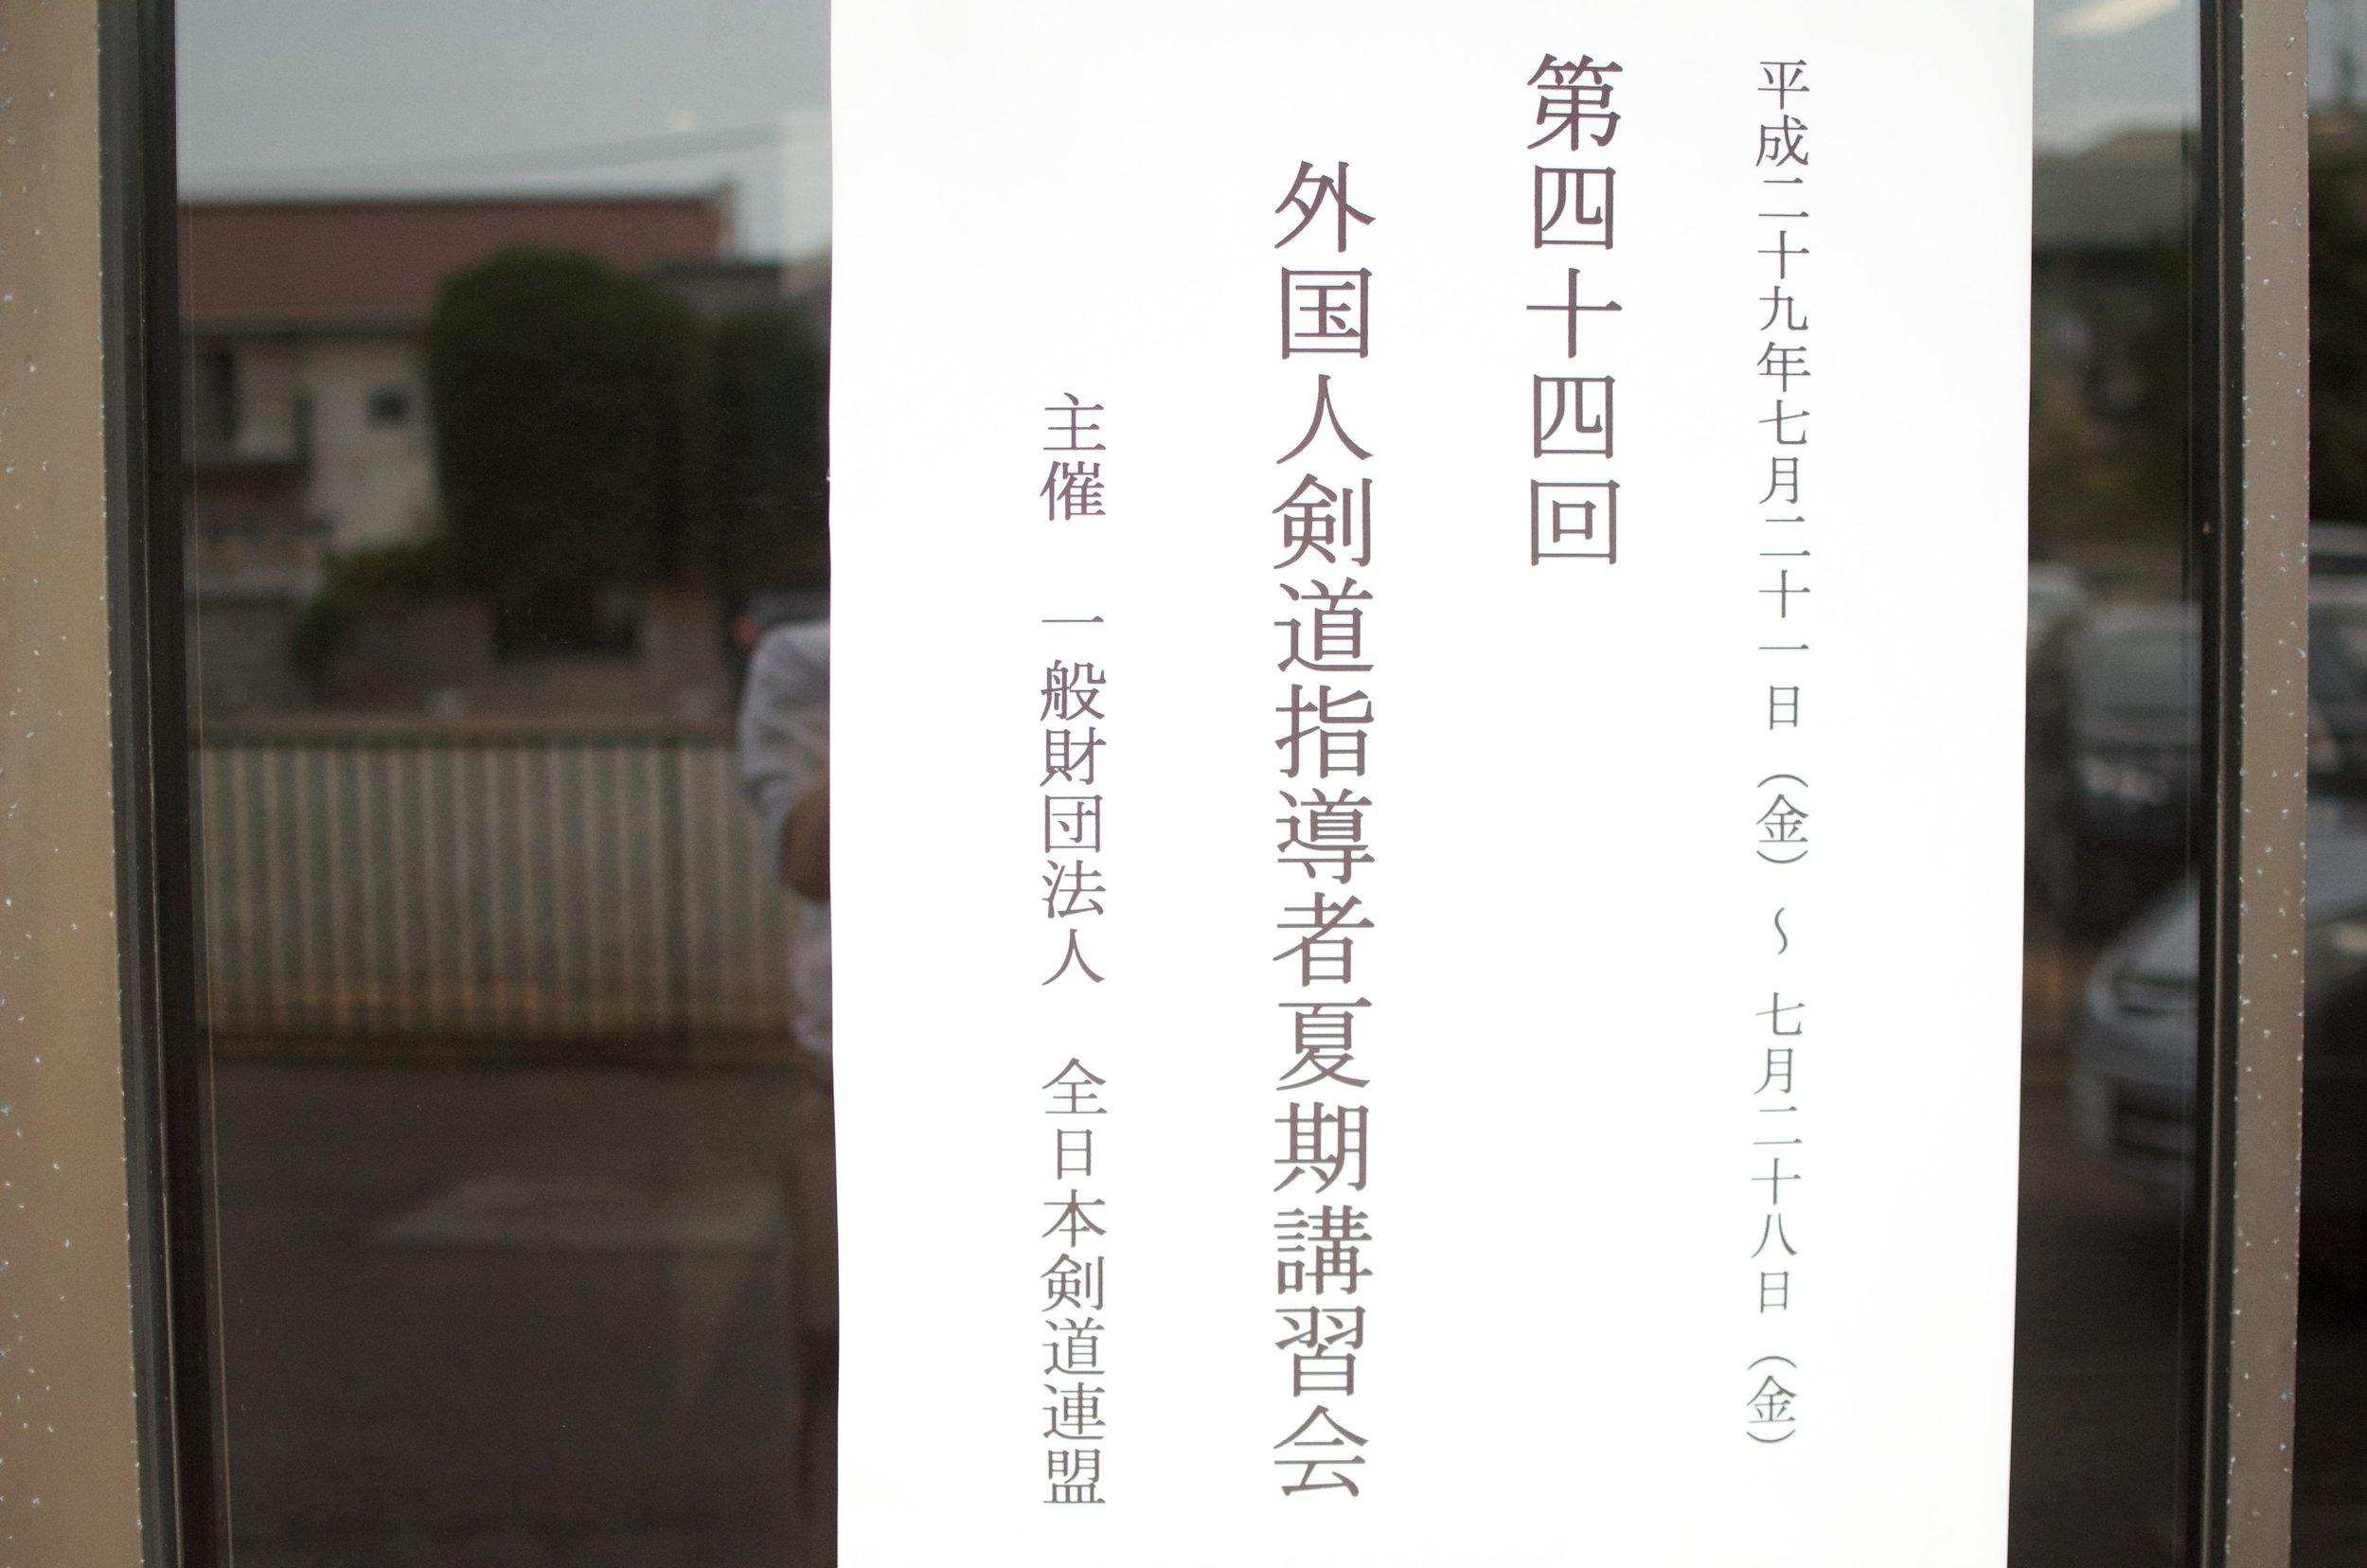 DSC_6732-min.jpg